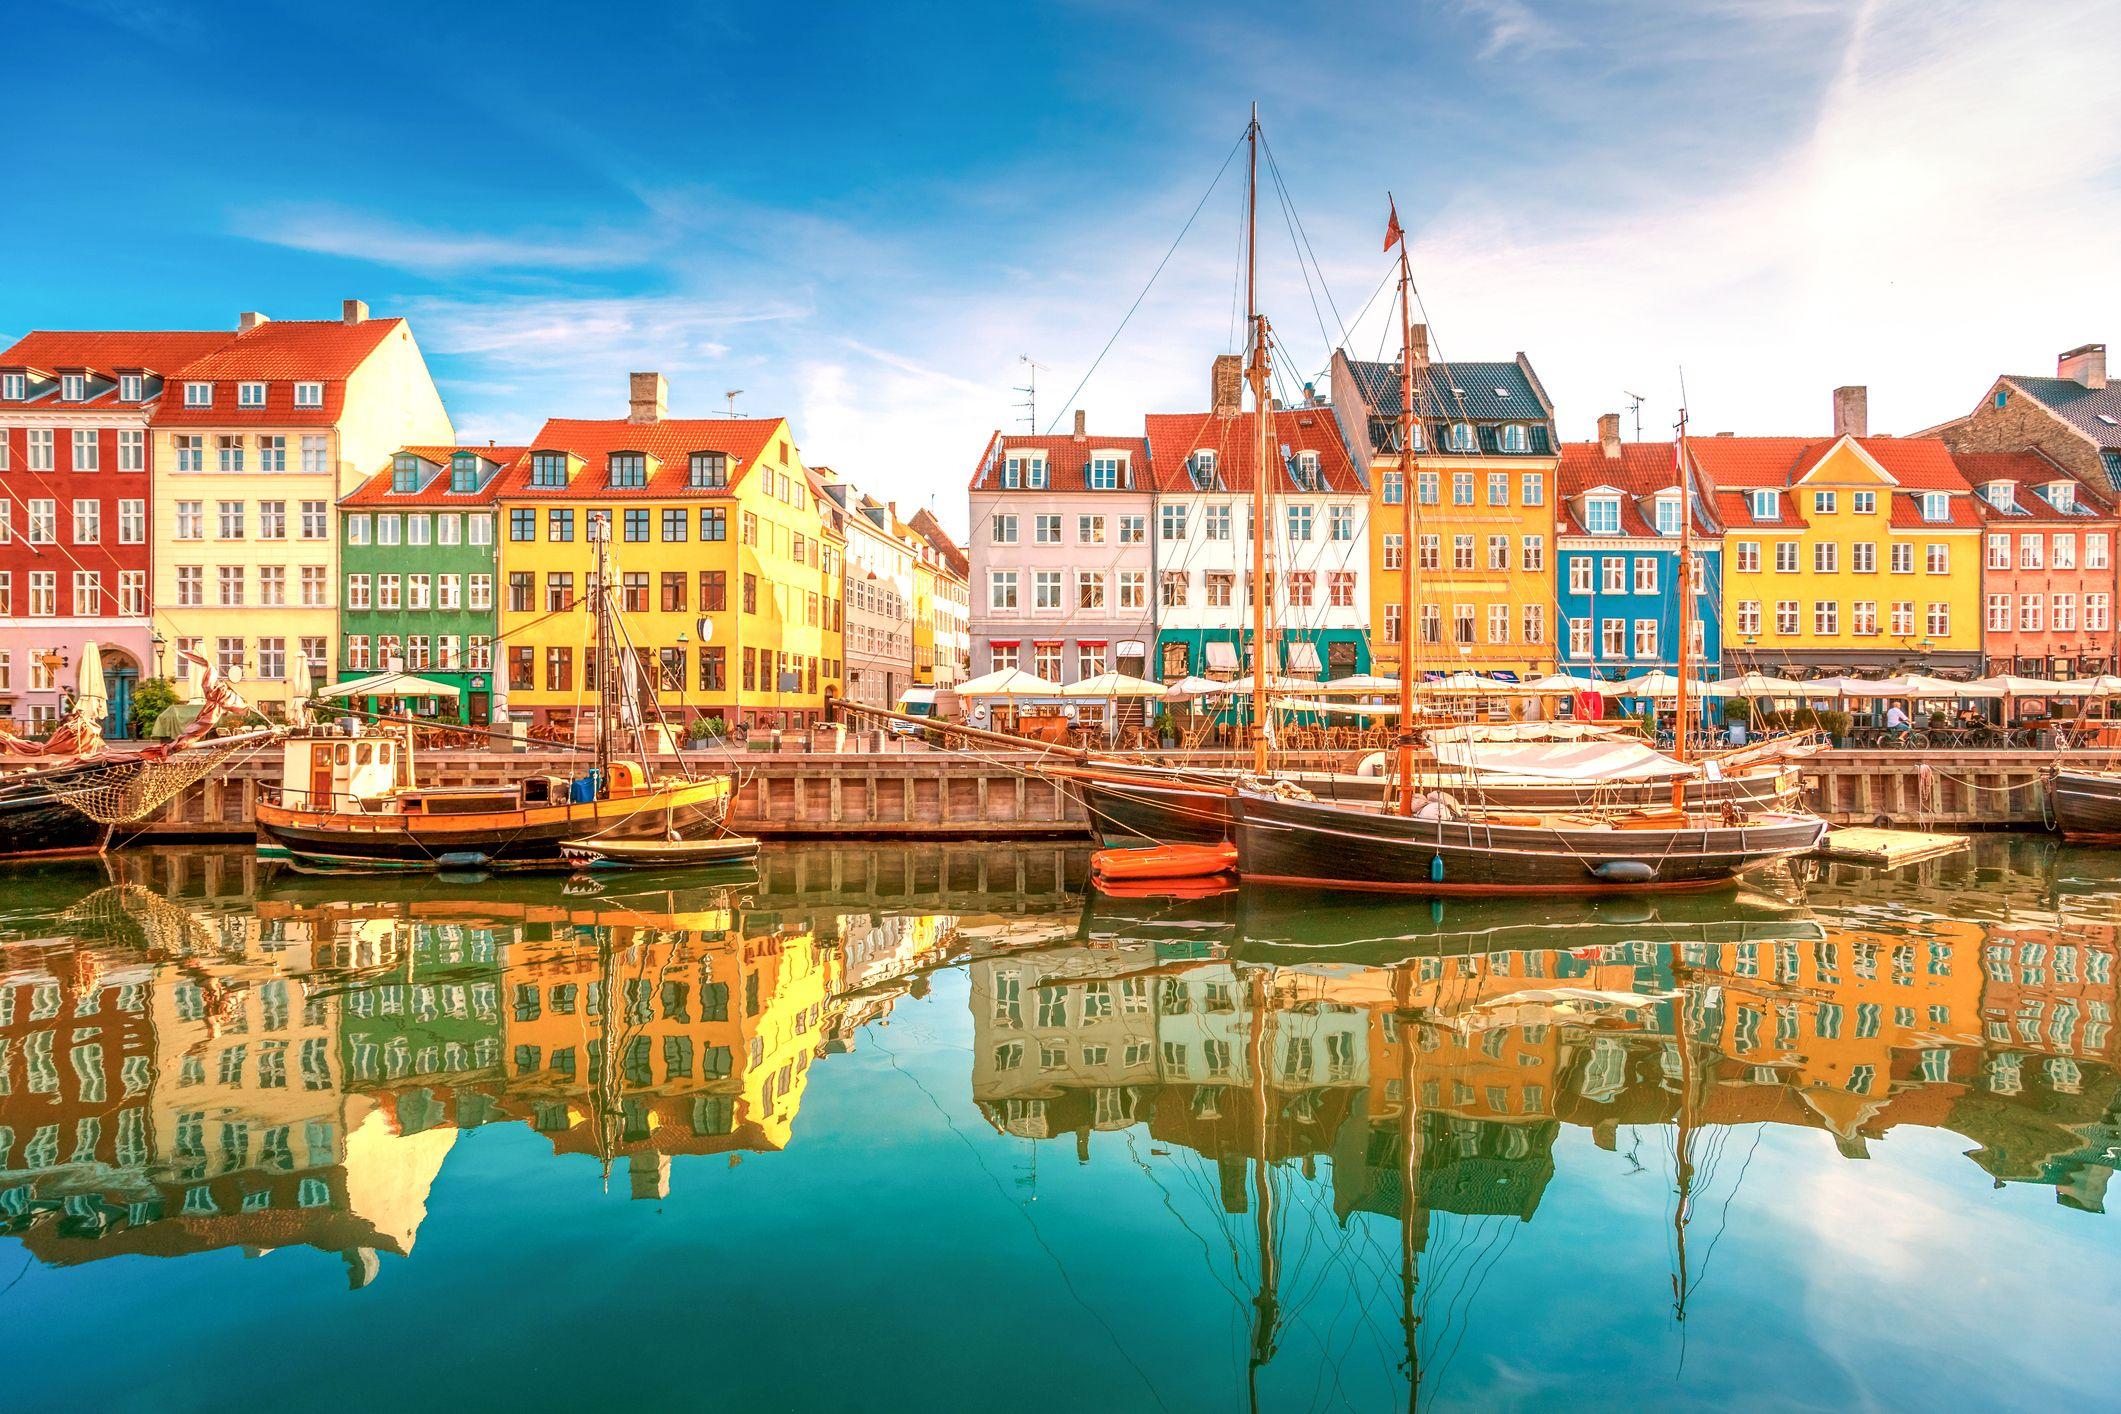 Le-Danemark-est-le-pays-offrant-la-meilleure-qualite-de-vie